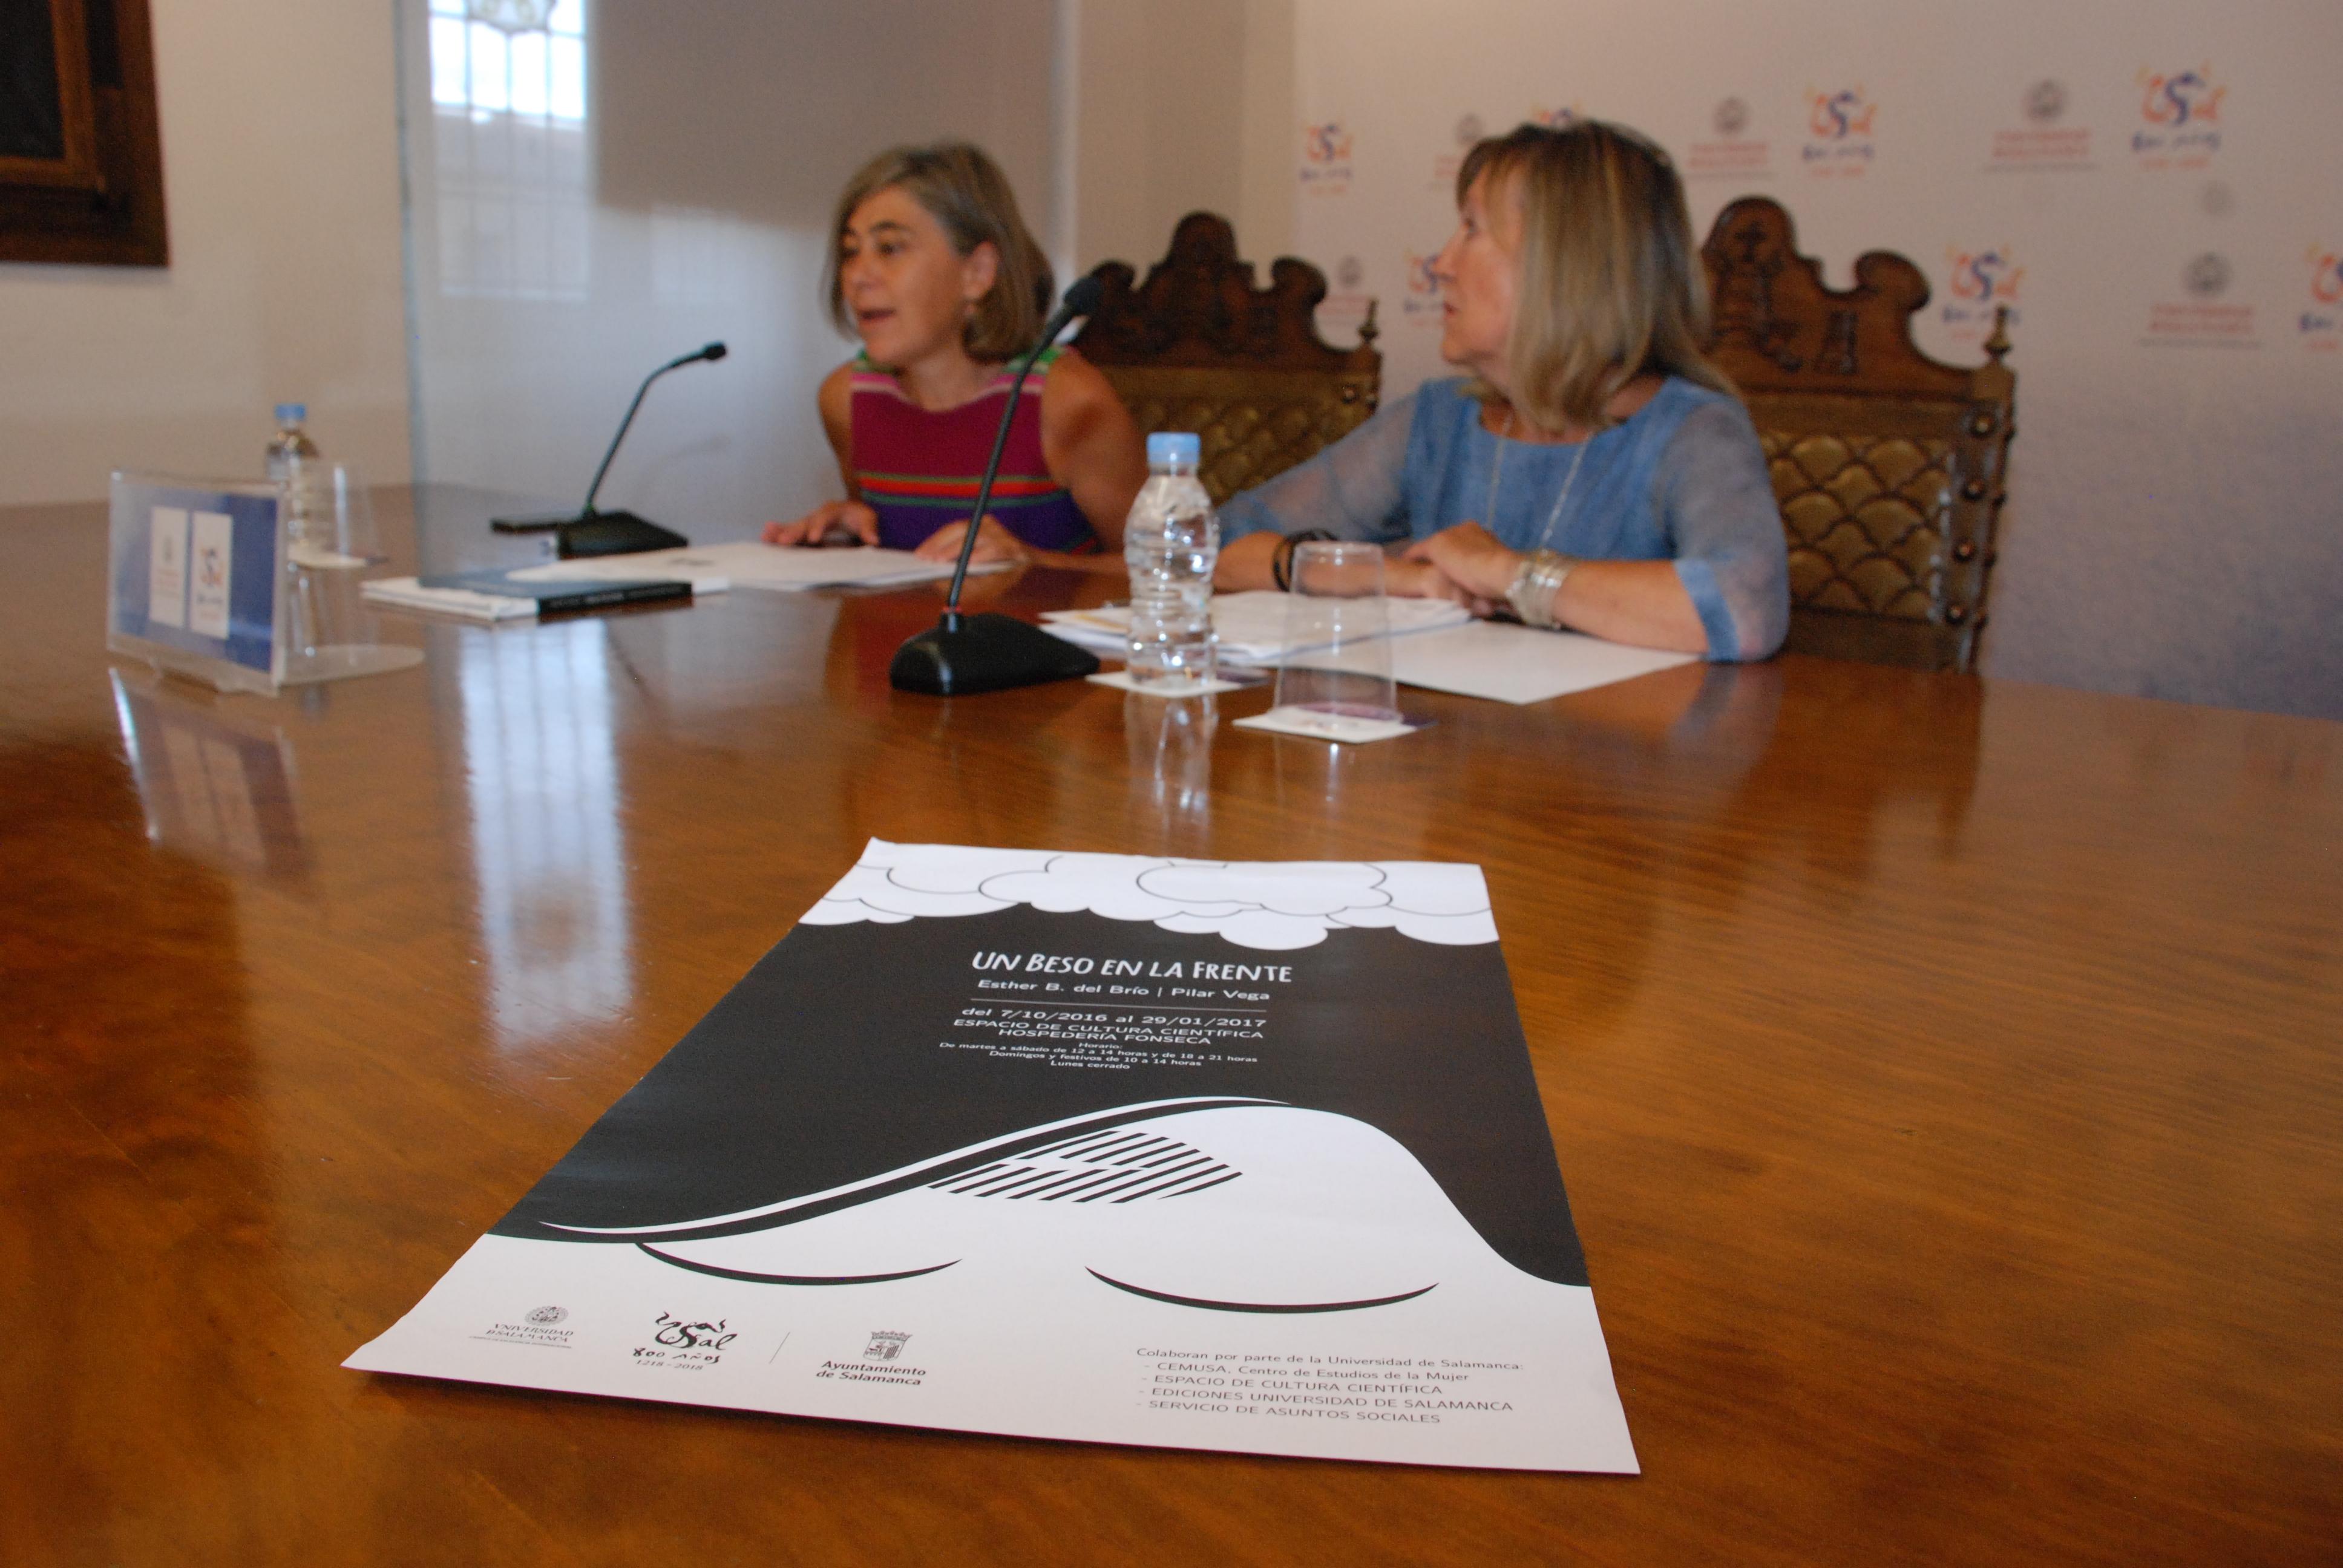 Ayuntamiento y Universidad de Salamanca lanzan un nuevo programa para luchar contra la violencia de género